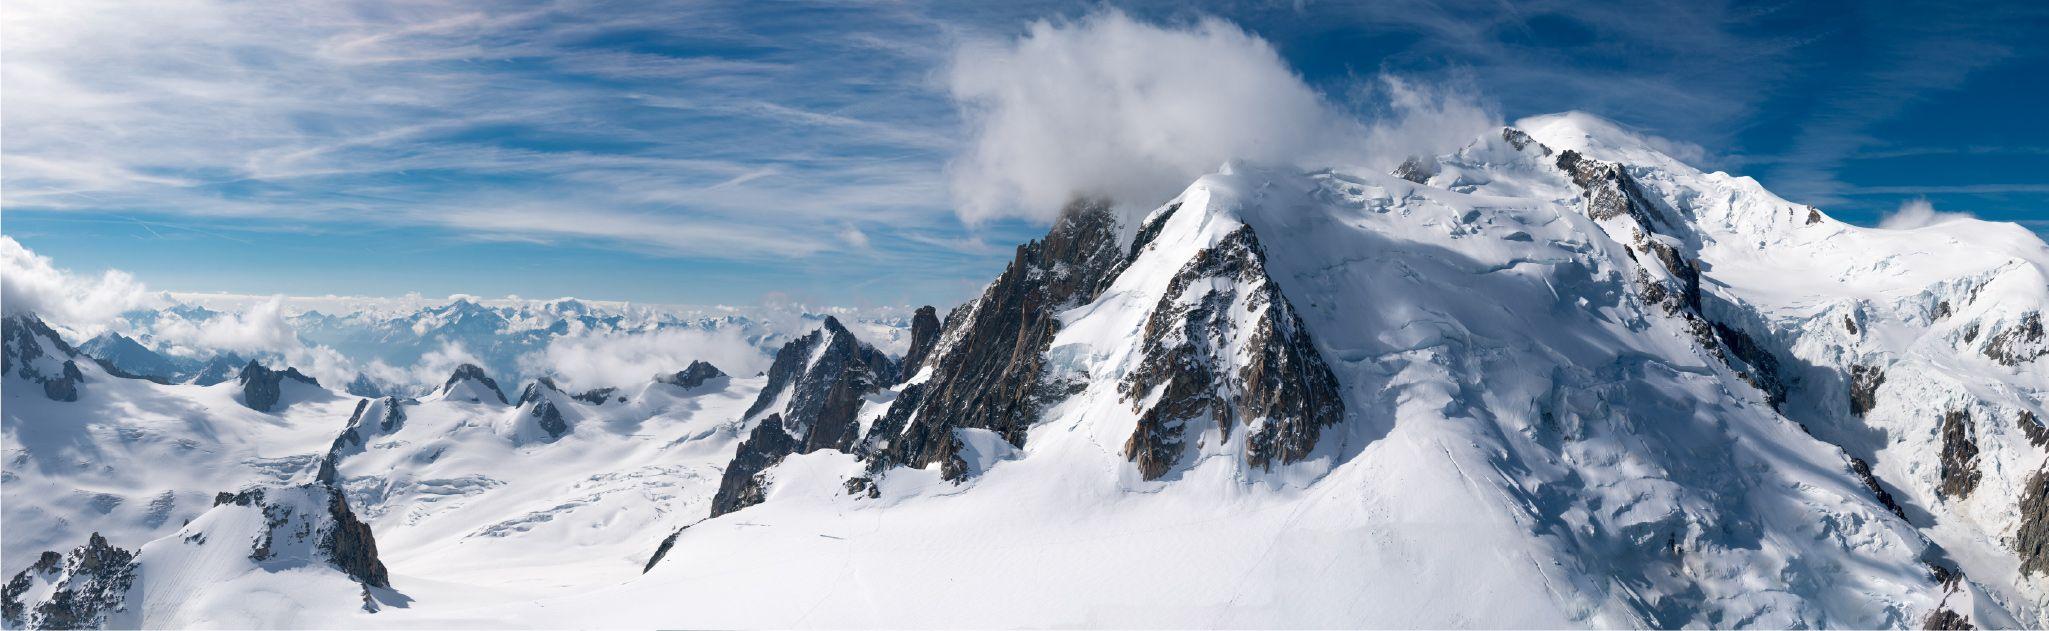 4mil82 - Gravir les 82 sommets des Alpes de plus de 4000m